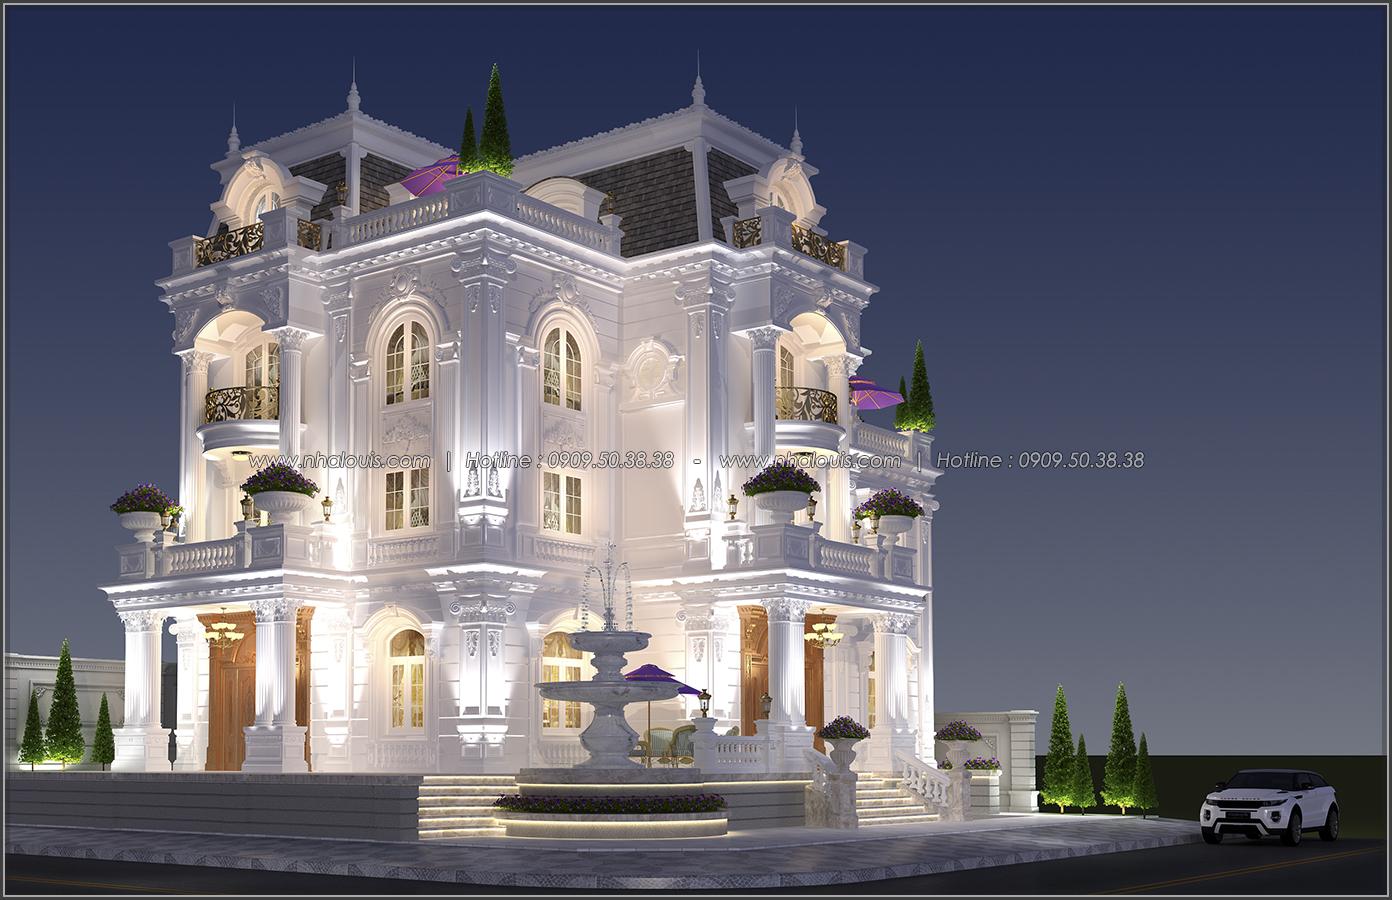 Đẳng cấp đích thực trong thiết kế biệt thự cổ điển 3 tầng tại Bình Tân - 2